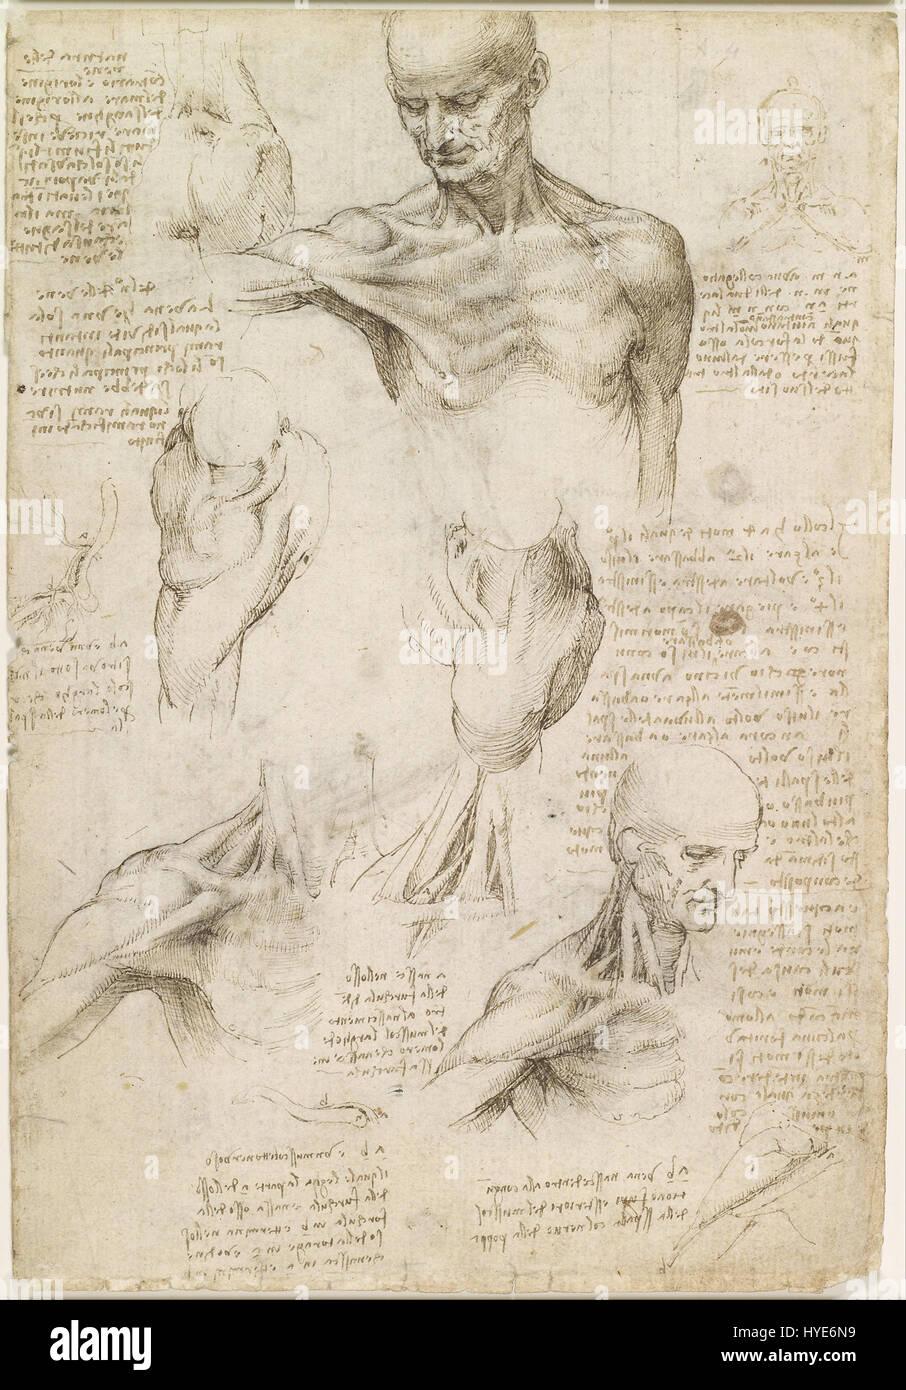 Leonardo da Vinci oberflächliche Anatomie der Schulter und Nacken ...